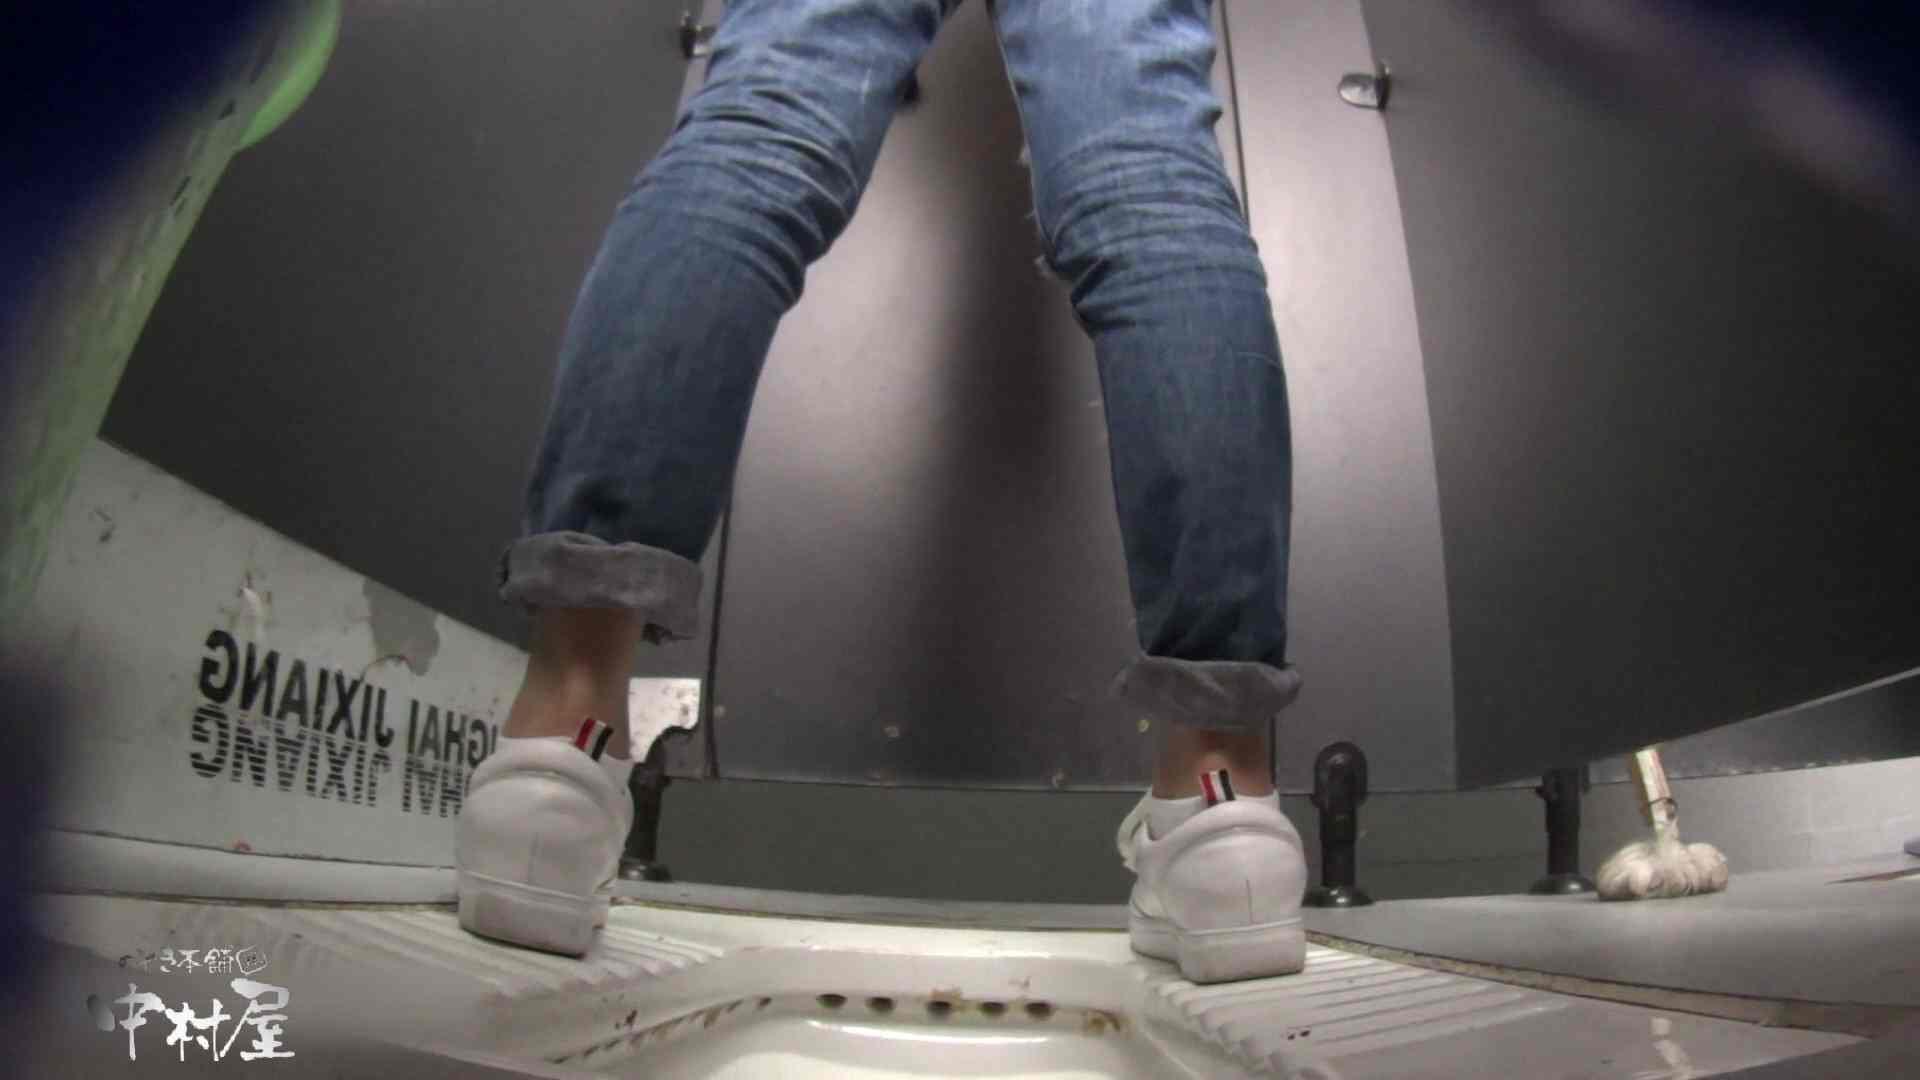 グレースパッツお女市さん 大学休憩時間の洗面所事情31 洗面所編 すけべAV動画紹介 96PIX 82